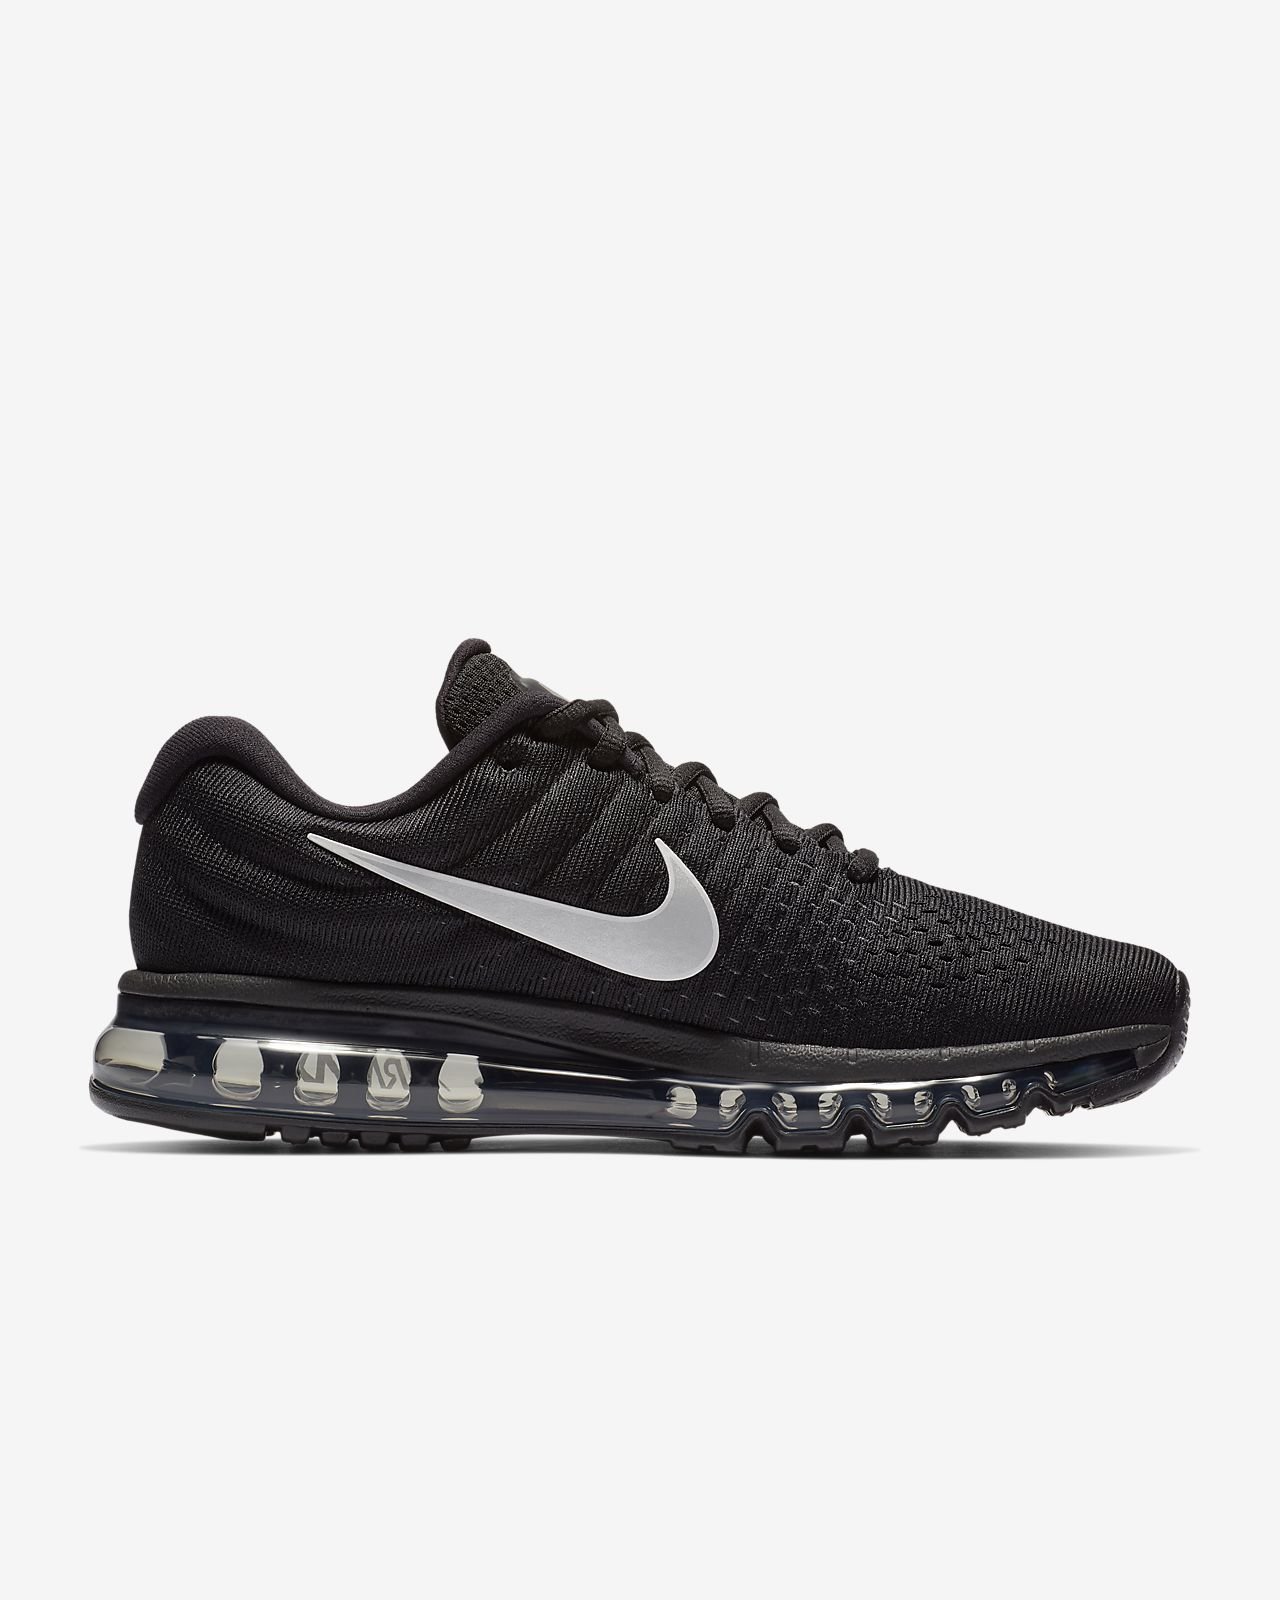 20576d6d07a9 Nike Air Max 2017 Men s Shoe. Nike.com PT